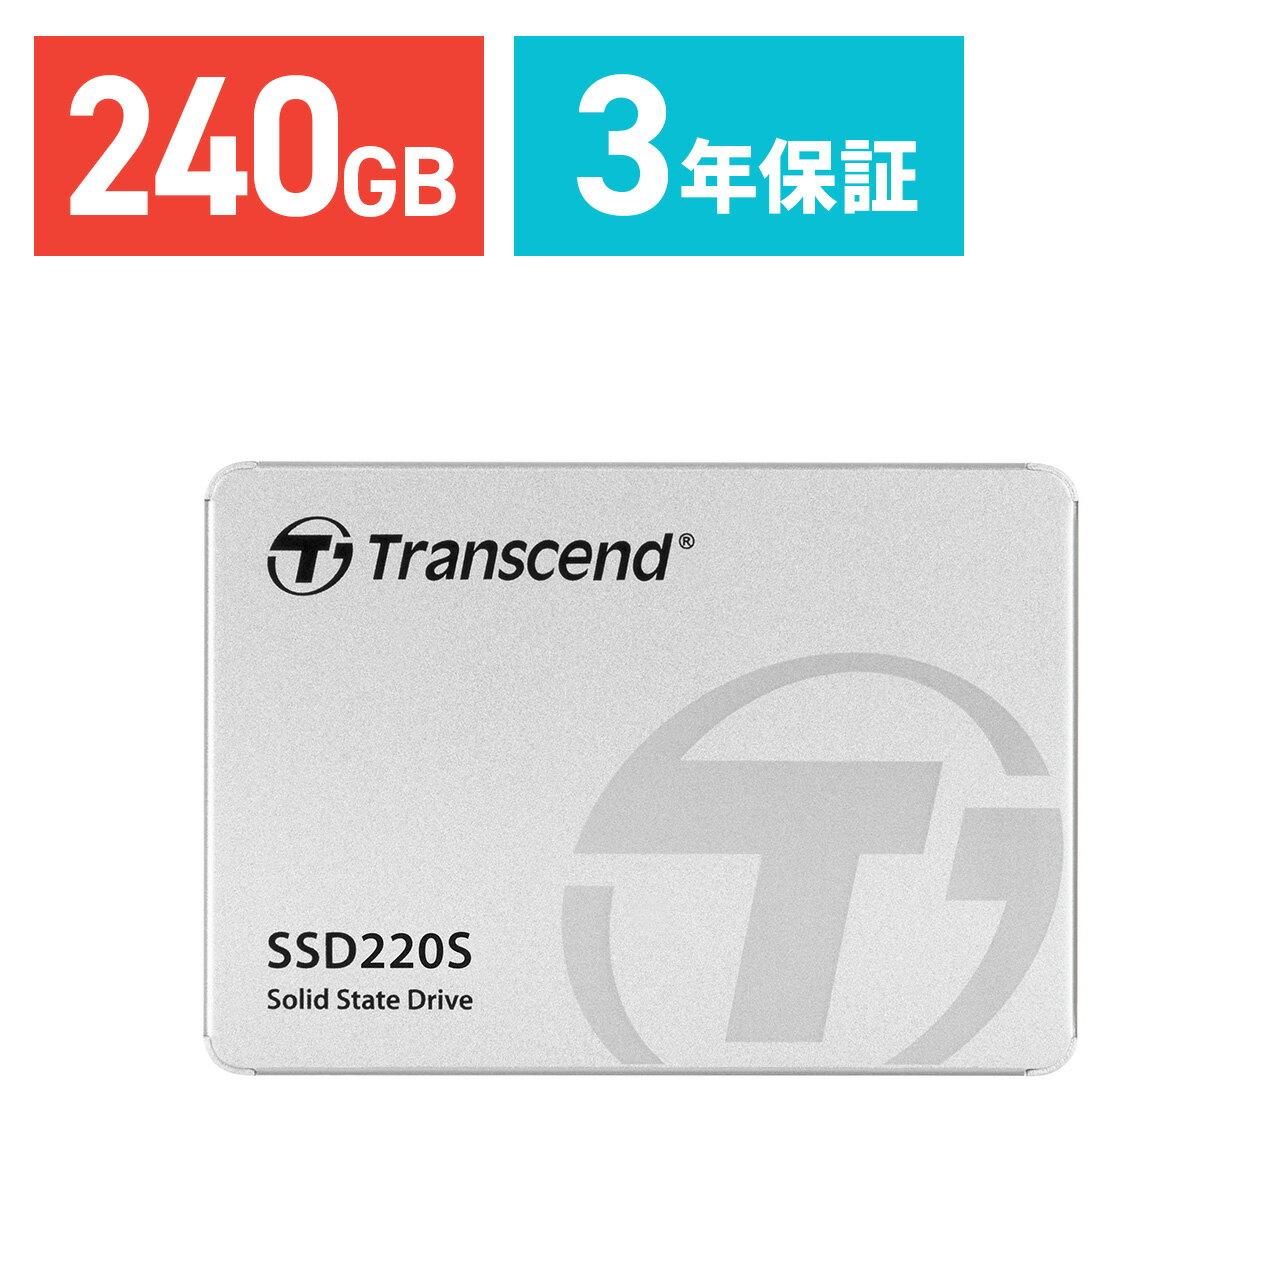 【4月20日値下げしました】Transcend SSD 2.5インチ 240GB SATA-III対応 6Gb/s[TS240GSSD220S]【送料無料】